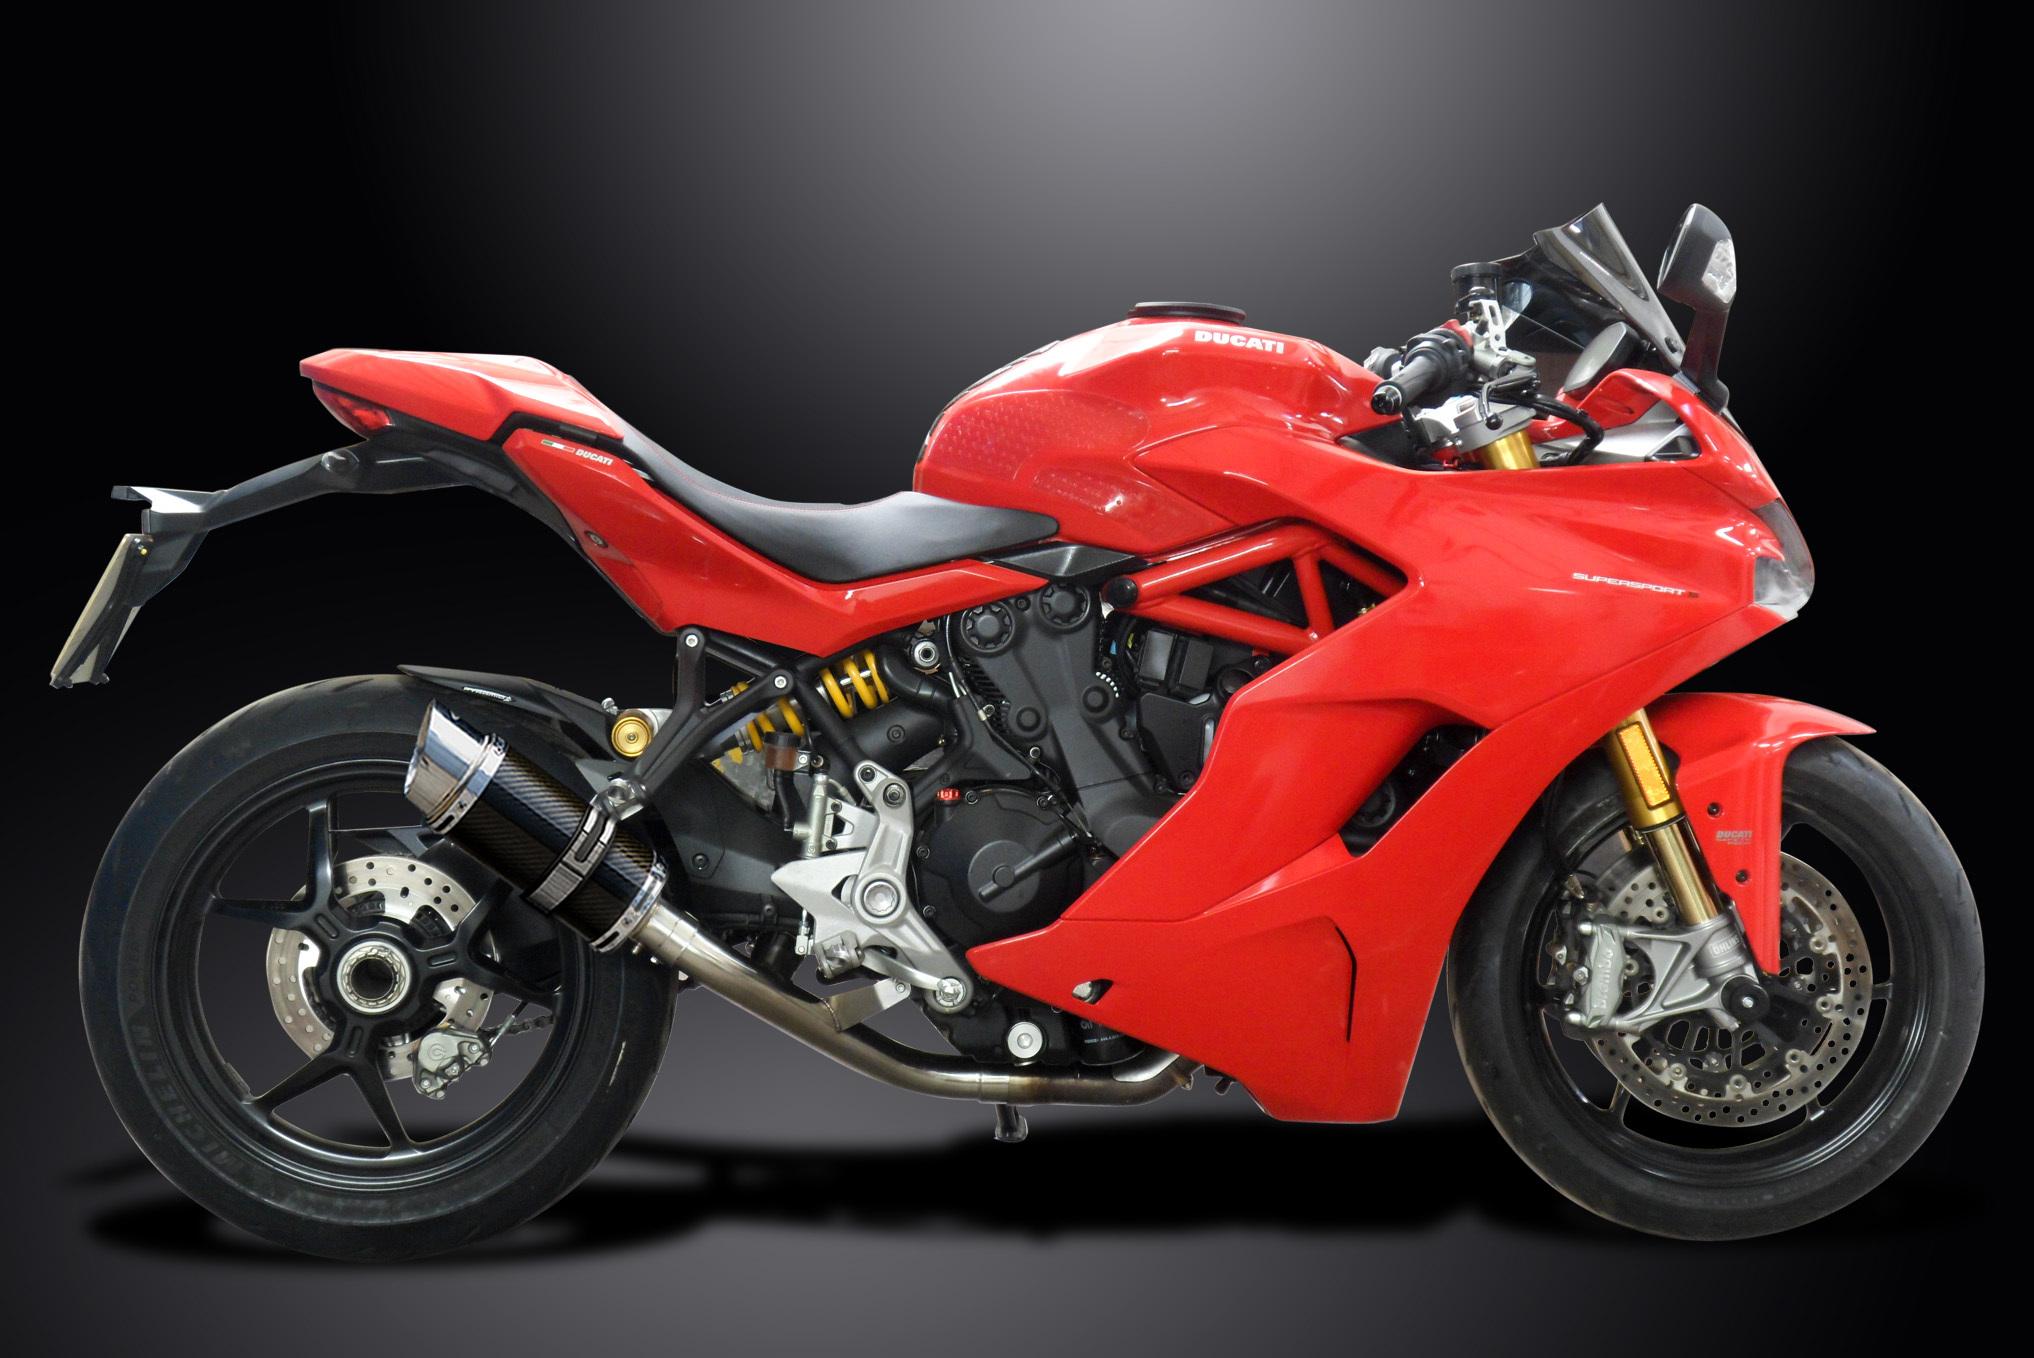 Supersport 939